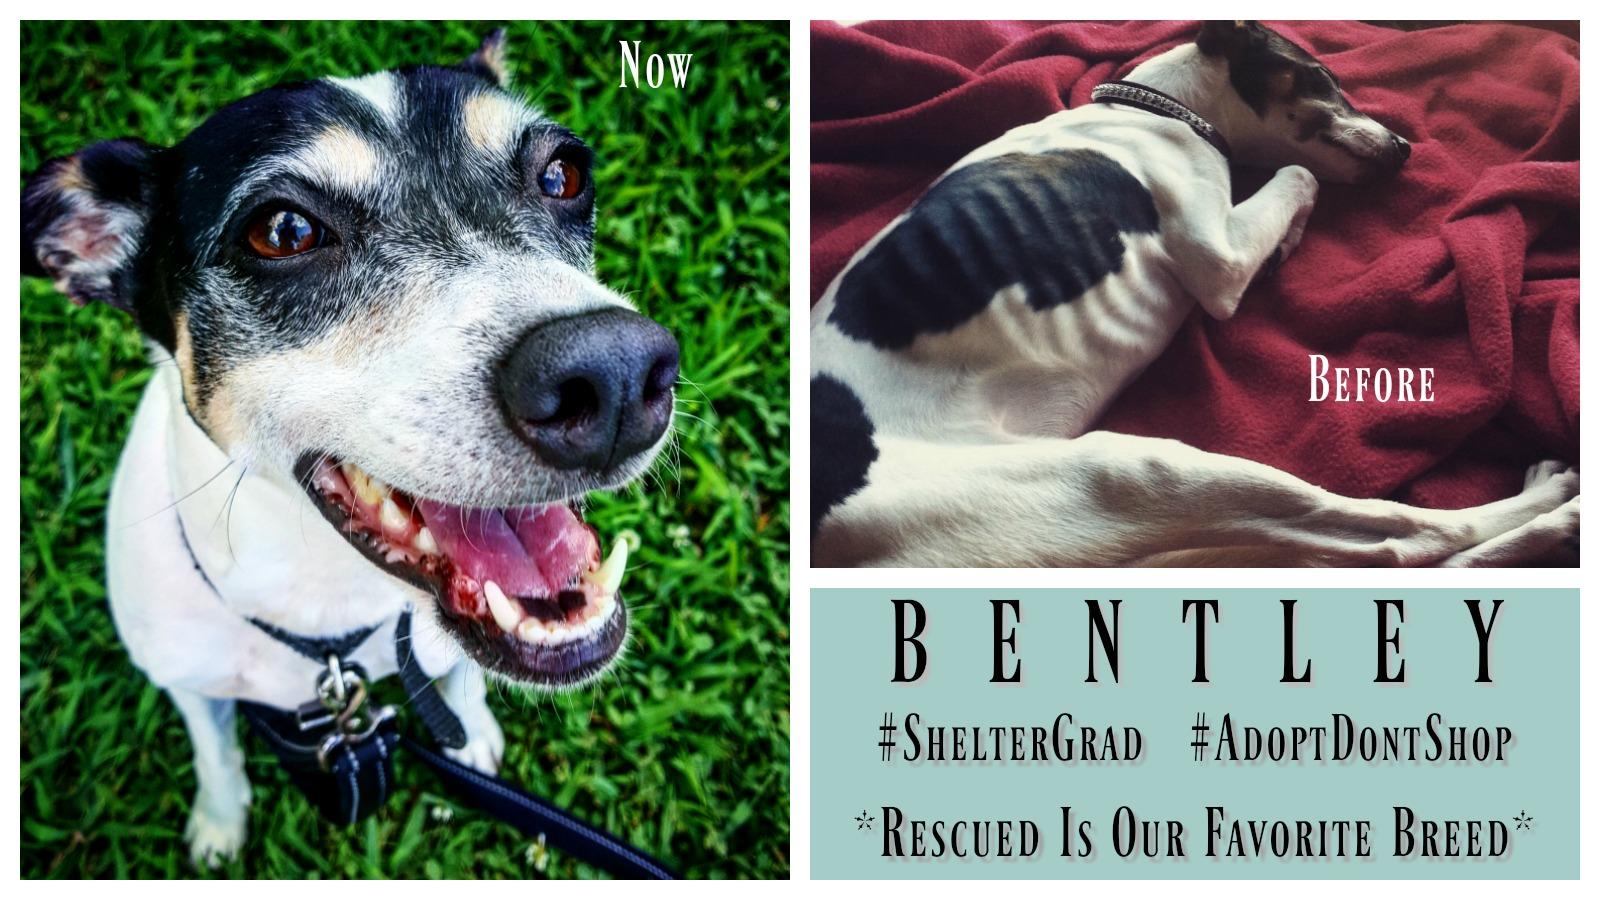 bentley-featured